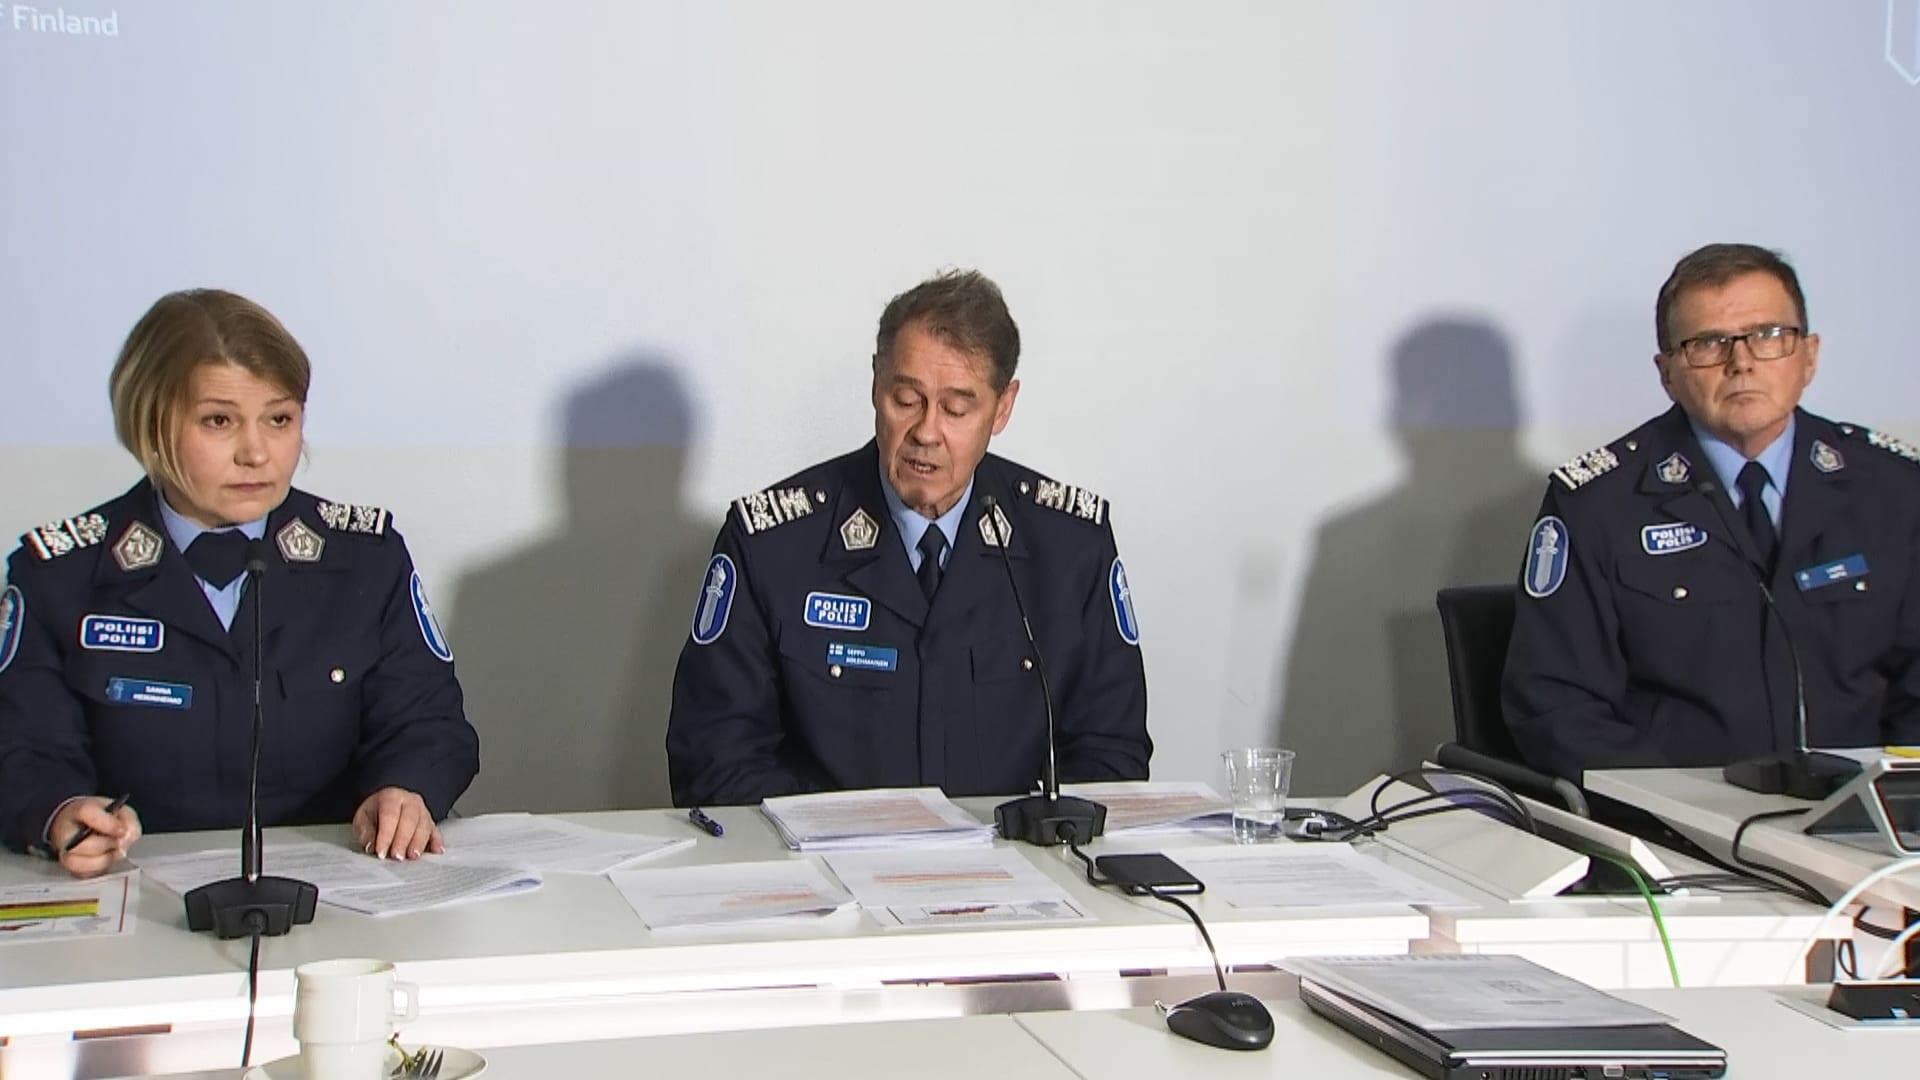 Poliisin Tiedotustilaisuus